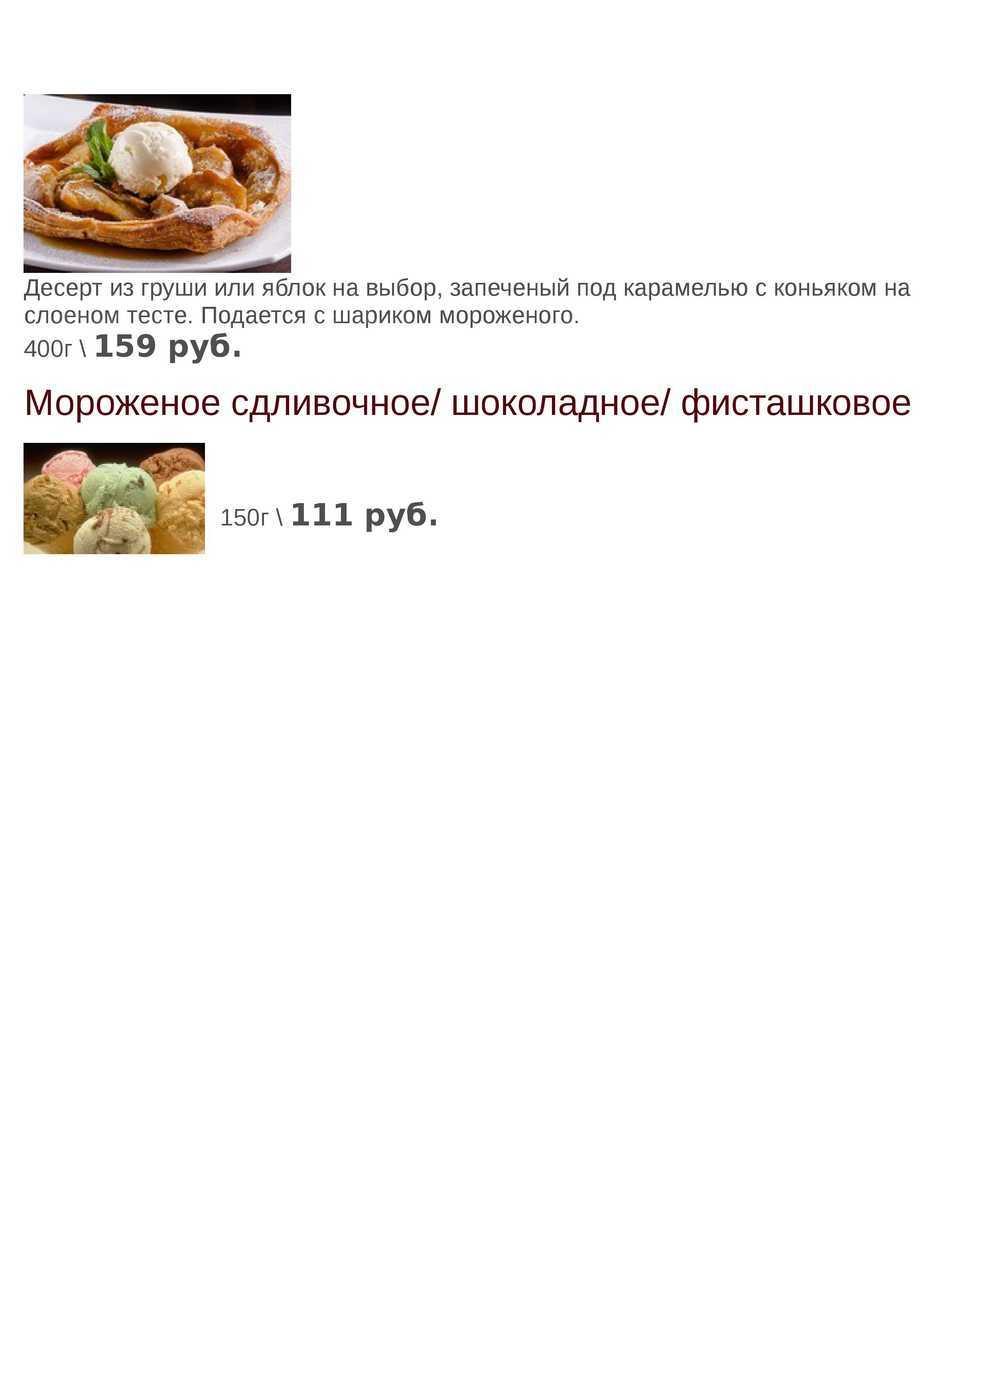 Меню кафе Ермак на проспекте имени газеты Красноярский Рабочий фото 25